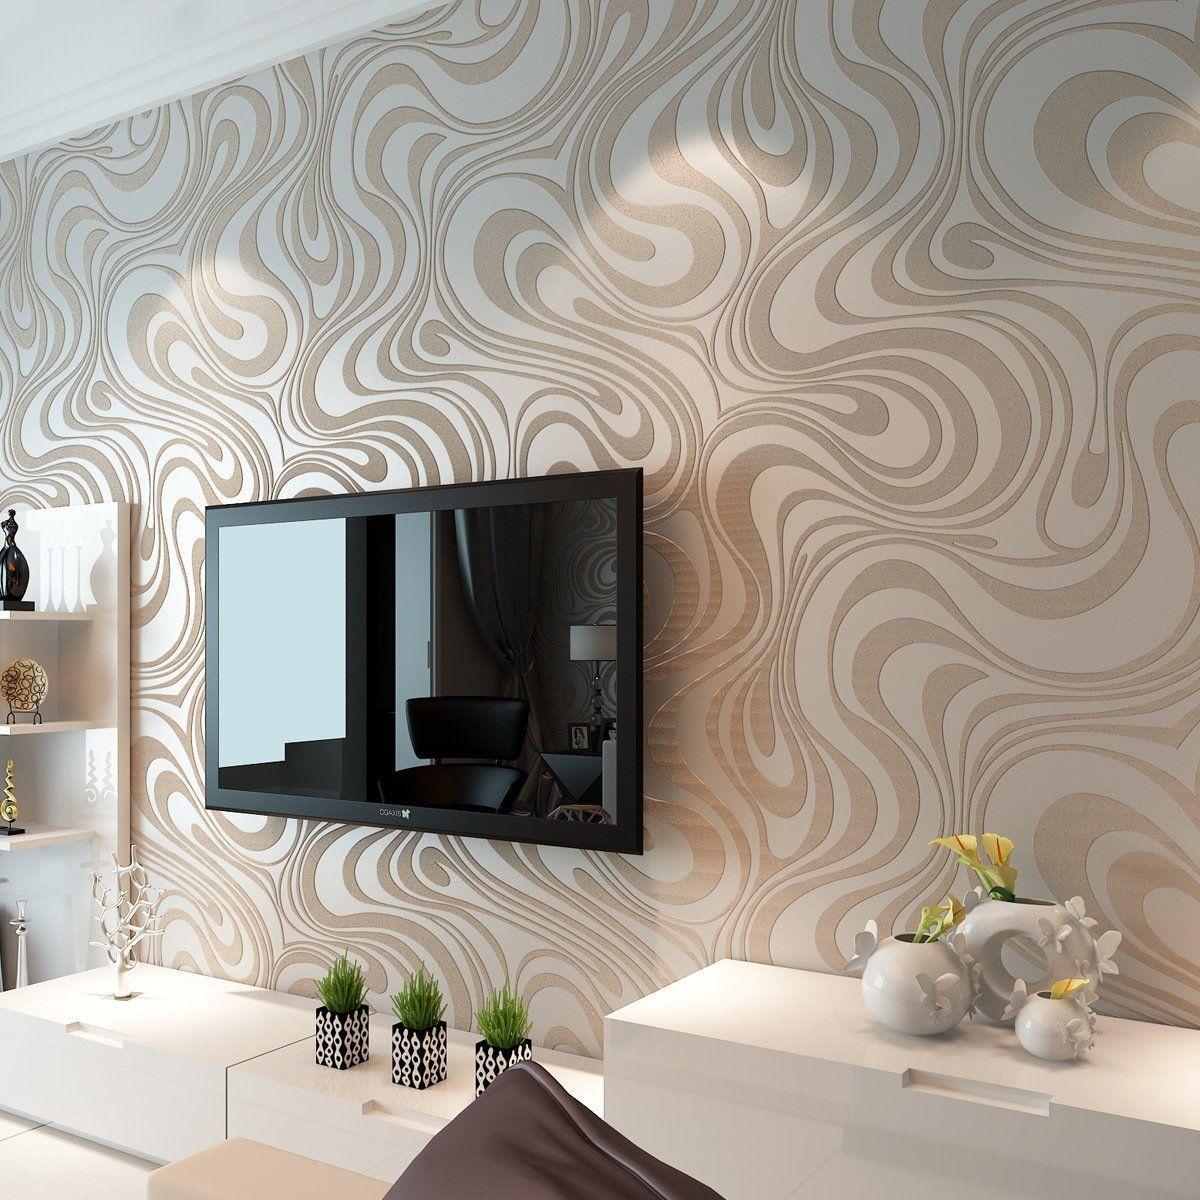 modern abstrakt hanmero curve, 3d-tapete wandbild de papel parede, Schlafzimmer entwurf